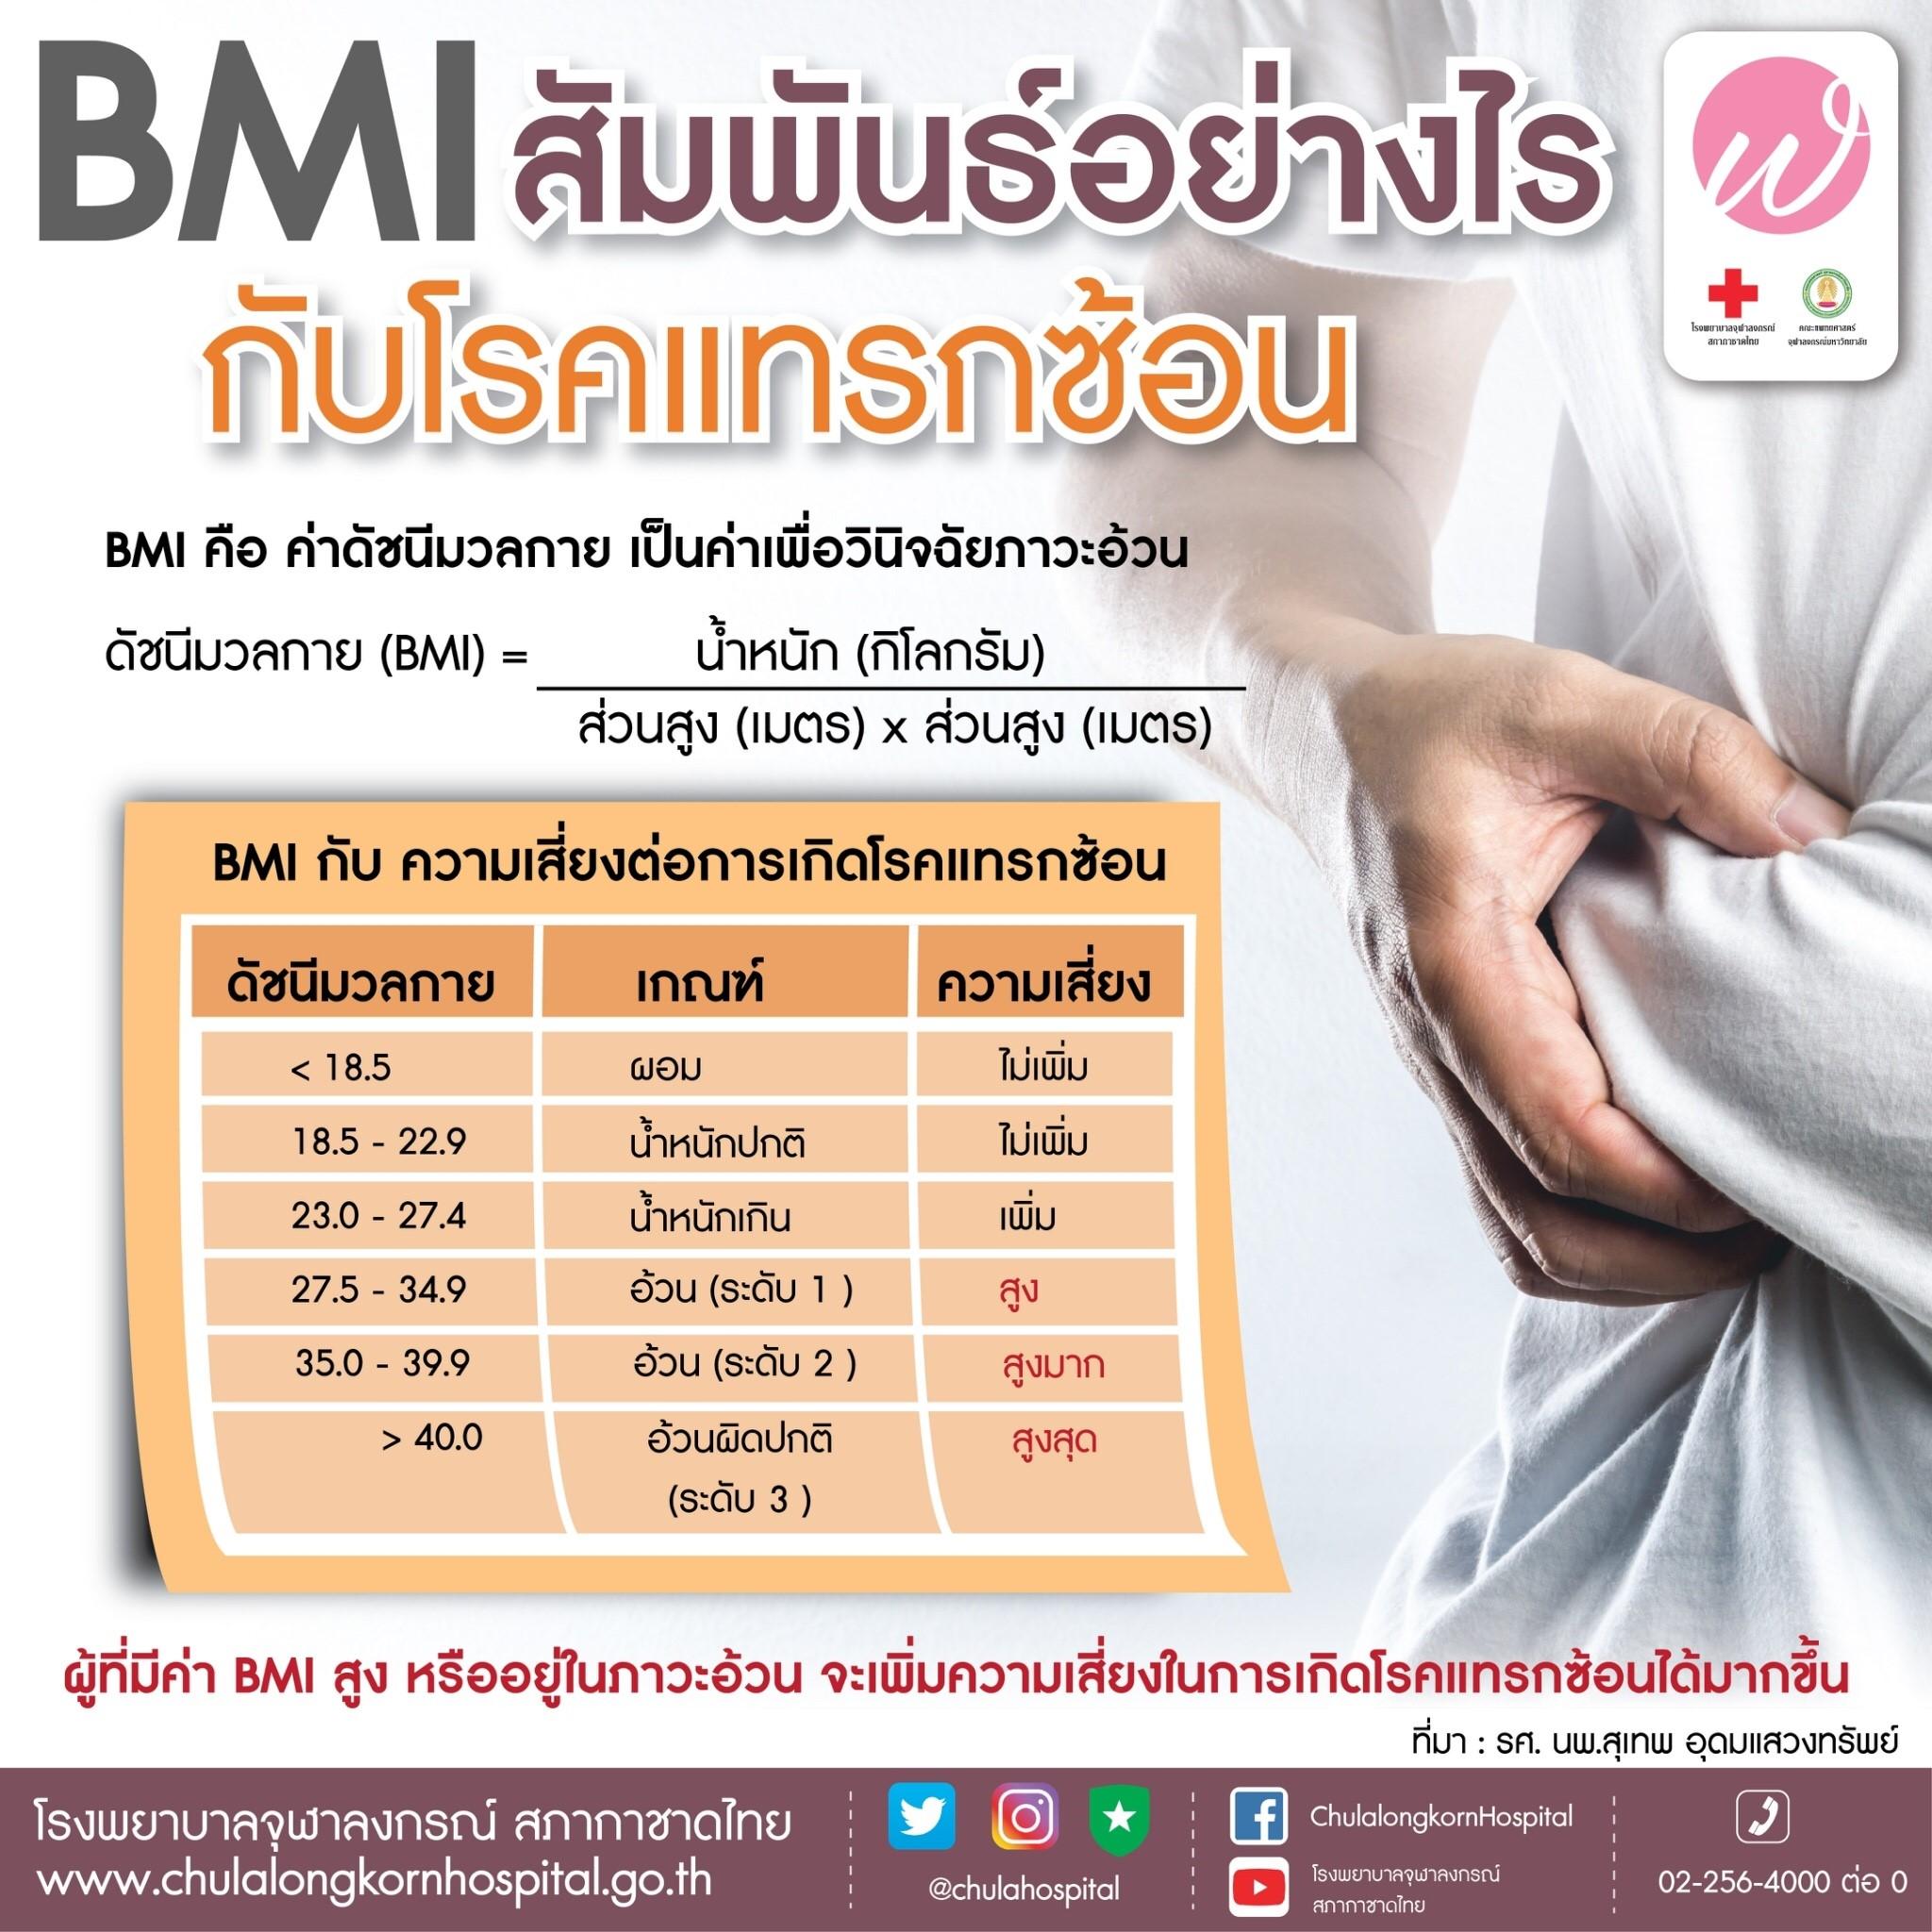 BMI สัมพันธ์อย่างไรกับโรคแทรกซ้อน